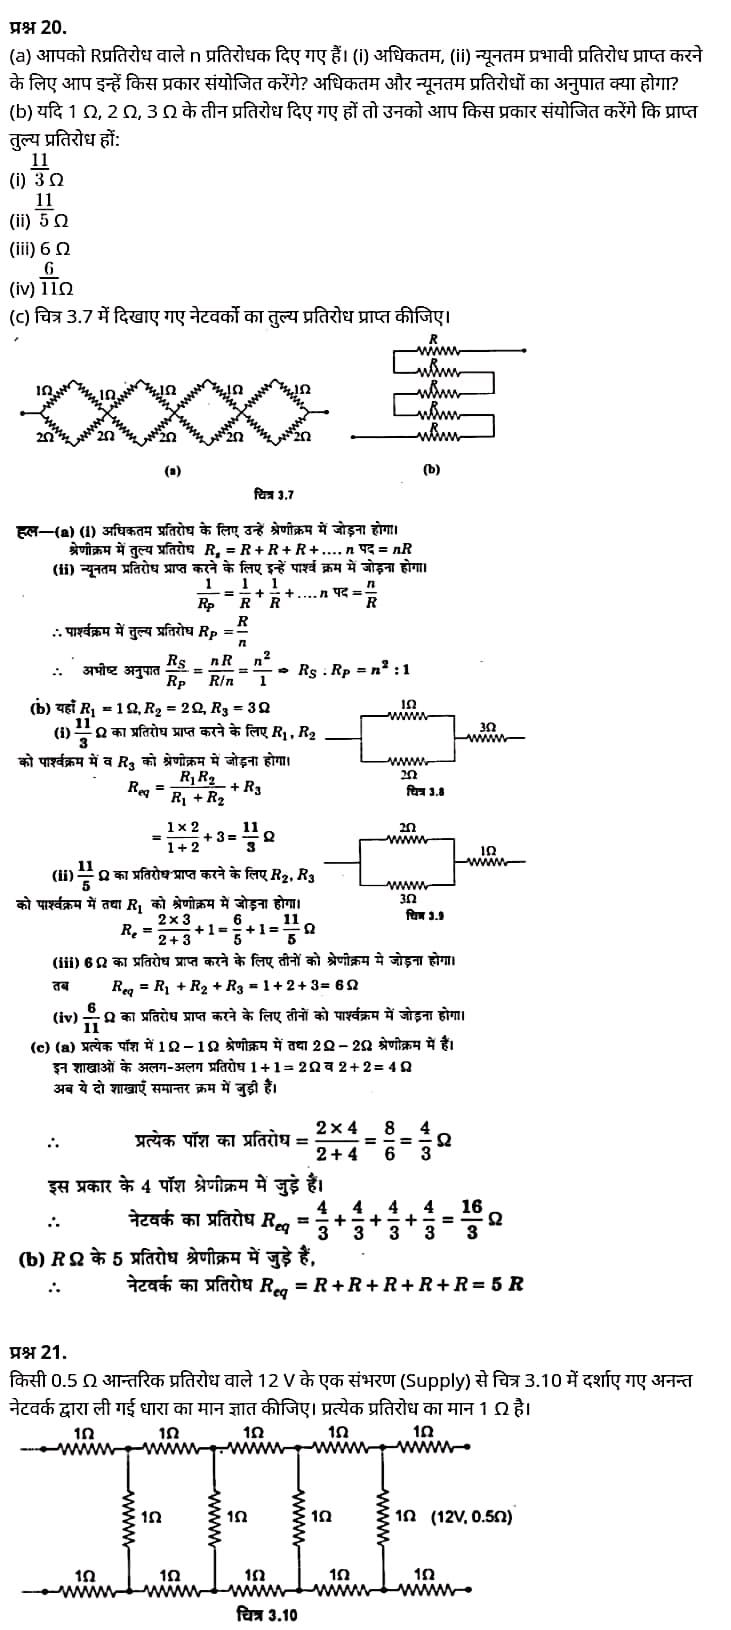 """""""Class 12 Physics Chapter 3"""", """"Current Electricity"""", """"(विद्युत धारा)"""", Hindi Medium भौतिक विज्ञान कक्षा 12 नोट्स pdf,  भौतिक विज्ञान कक्षा 12 नोट्स 2021 NCERT,  भौतिक विज्ञान कक्षा 12 PDF,  भौतिक विज्ञान पुस्तक,  भौतिक विज्ञान की बुक,  भौतिक विज्ञान प्रश्नोत्तरी Class 12, 12 वीं भौतिक विज्ञान पुस्तक RBSE,  बिहार बोर्ड 12 वीं भौतिक विज्ञान नोट्स,   12th Physics book in hindi,12th Physics notes in hindi,cbse books for class 12,cbse books in hindi,cbse ncert books,class 12 Physics notes in hindi,class 12 hindi ncert solutions,Physics 2020,Physics 2021,Maths 2022,Physics book class 12,Physics book in hindi,Physics class 12 in hindi,Physics notes for class 12 up board in hindi,ncert all books,ncert app in hindi,ncert book solution,ncert books class 10,ncert books class 12,ncert books for class 7,ncert books for upsc in hindi,ncert books in hindi class 10,ncert books in hindi for class 12 Physics,ncert books in hindi for class 6,ncert books in hindi pdf,ncert class 12 hindi book,ncert english book,ncert Physics book in hindi,ncert Physics books in hindi pdf,ncert Physics class 12,ncert in hindi,old ncert books in hindi,online ncert books in hindi,up board 12th,up board 12th syllabus,up board class 10 hindi book,up board class 12 books,up board class 12 new syllabus,up Board Maths 2020,up Board Maths 2021,up Board Maths 2022,up Board Maths 2023,up board intermediate Physics syllabus,up board intermediate syllabus 2021,Up board Master 2021,up board model paper 2021,up board model paper all subject,up board new syllabus of class 12th Physics,up board paper 2021,Up board syllabus 2021,UP board syllabus 2022,  12 वीं भौतिक विज्ञान पुस्तक हिंदी में, 12 वीं भौतिक विज्ञान नोट्स हिंदी में, कक्षा 12 के लिए सीबीएससी पुस्तकें, हिंदी में सीबीएससी पुस्तकें, सीबीएससी  पुस्तकें, कक्षा 12 भौतिक विज्ञान नोट्स हिंदी में, कक्षा 12 हिंदी एनसीईआरटी समाधान, भौतिक विज्ञान 2020, भौतिक विज्ञान 2021, भौतिक विज्ञान 2022, भौतिक विज्ञान  बुक क्लास 12, भौतिक विज्ञान बुक इन हिंदी, बायोलॉजी क्लास 12 हिंद"""